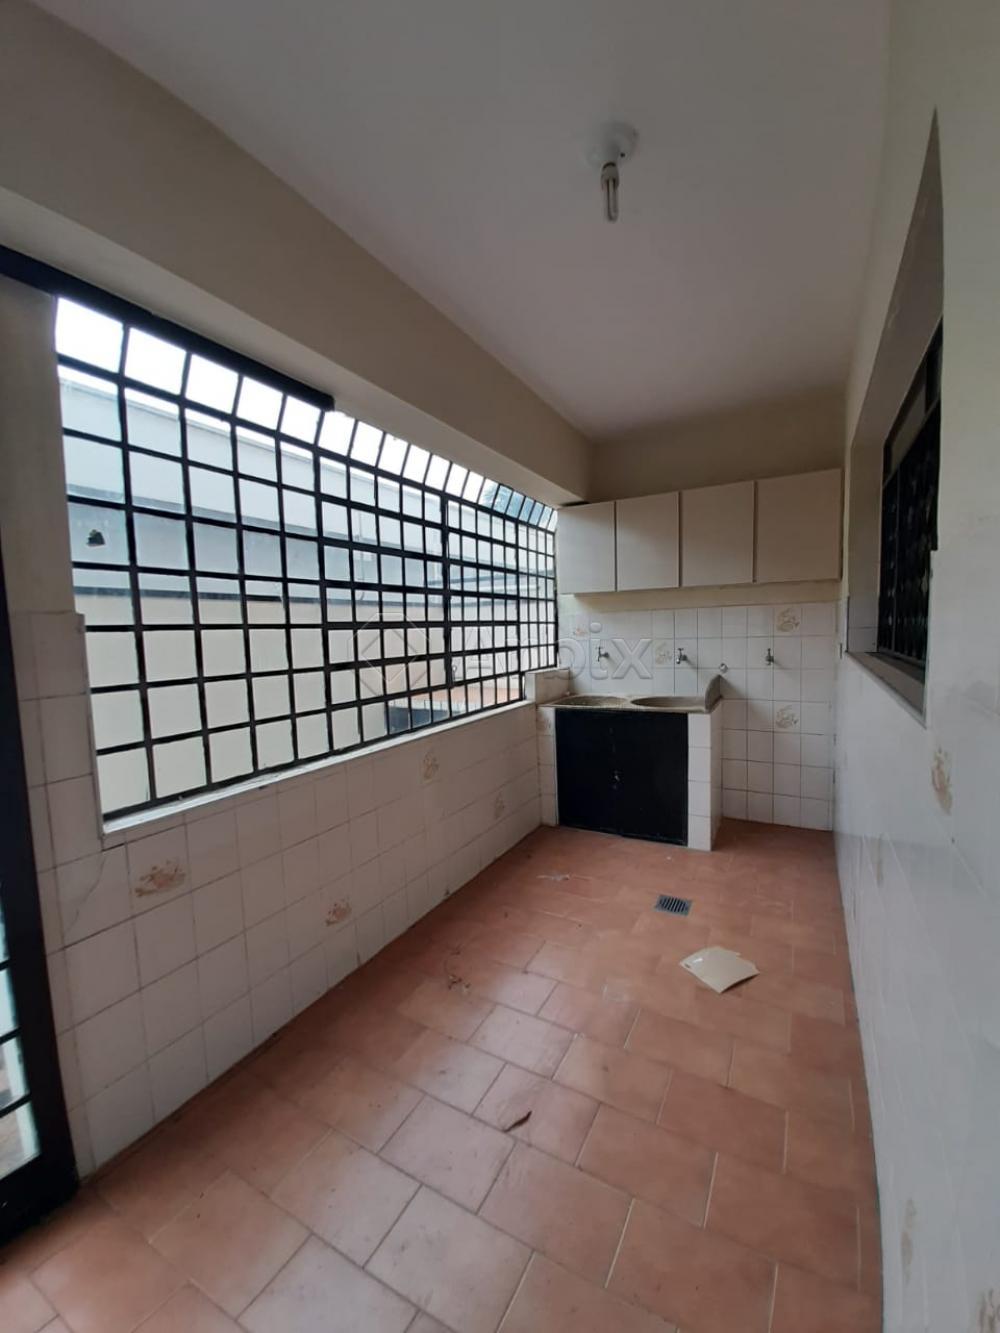 Alugar Casa / Sobrado em Americana apenas R$ 1.900,00 - Foto 11